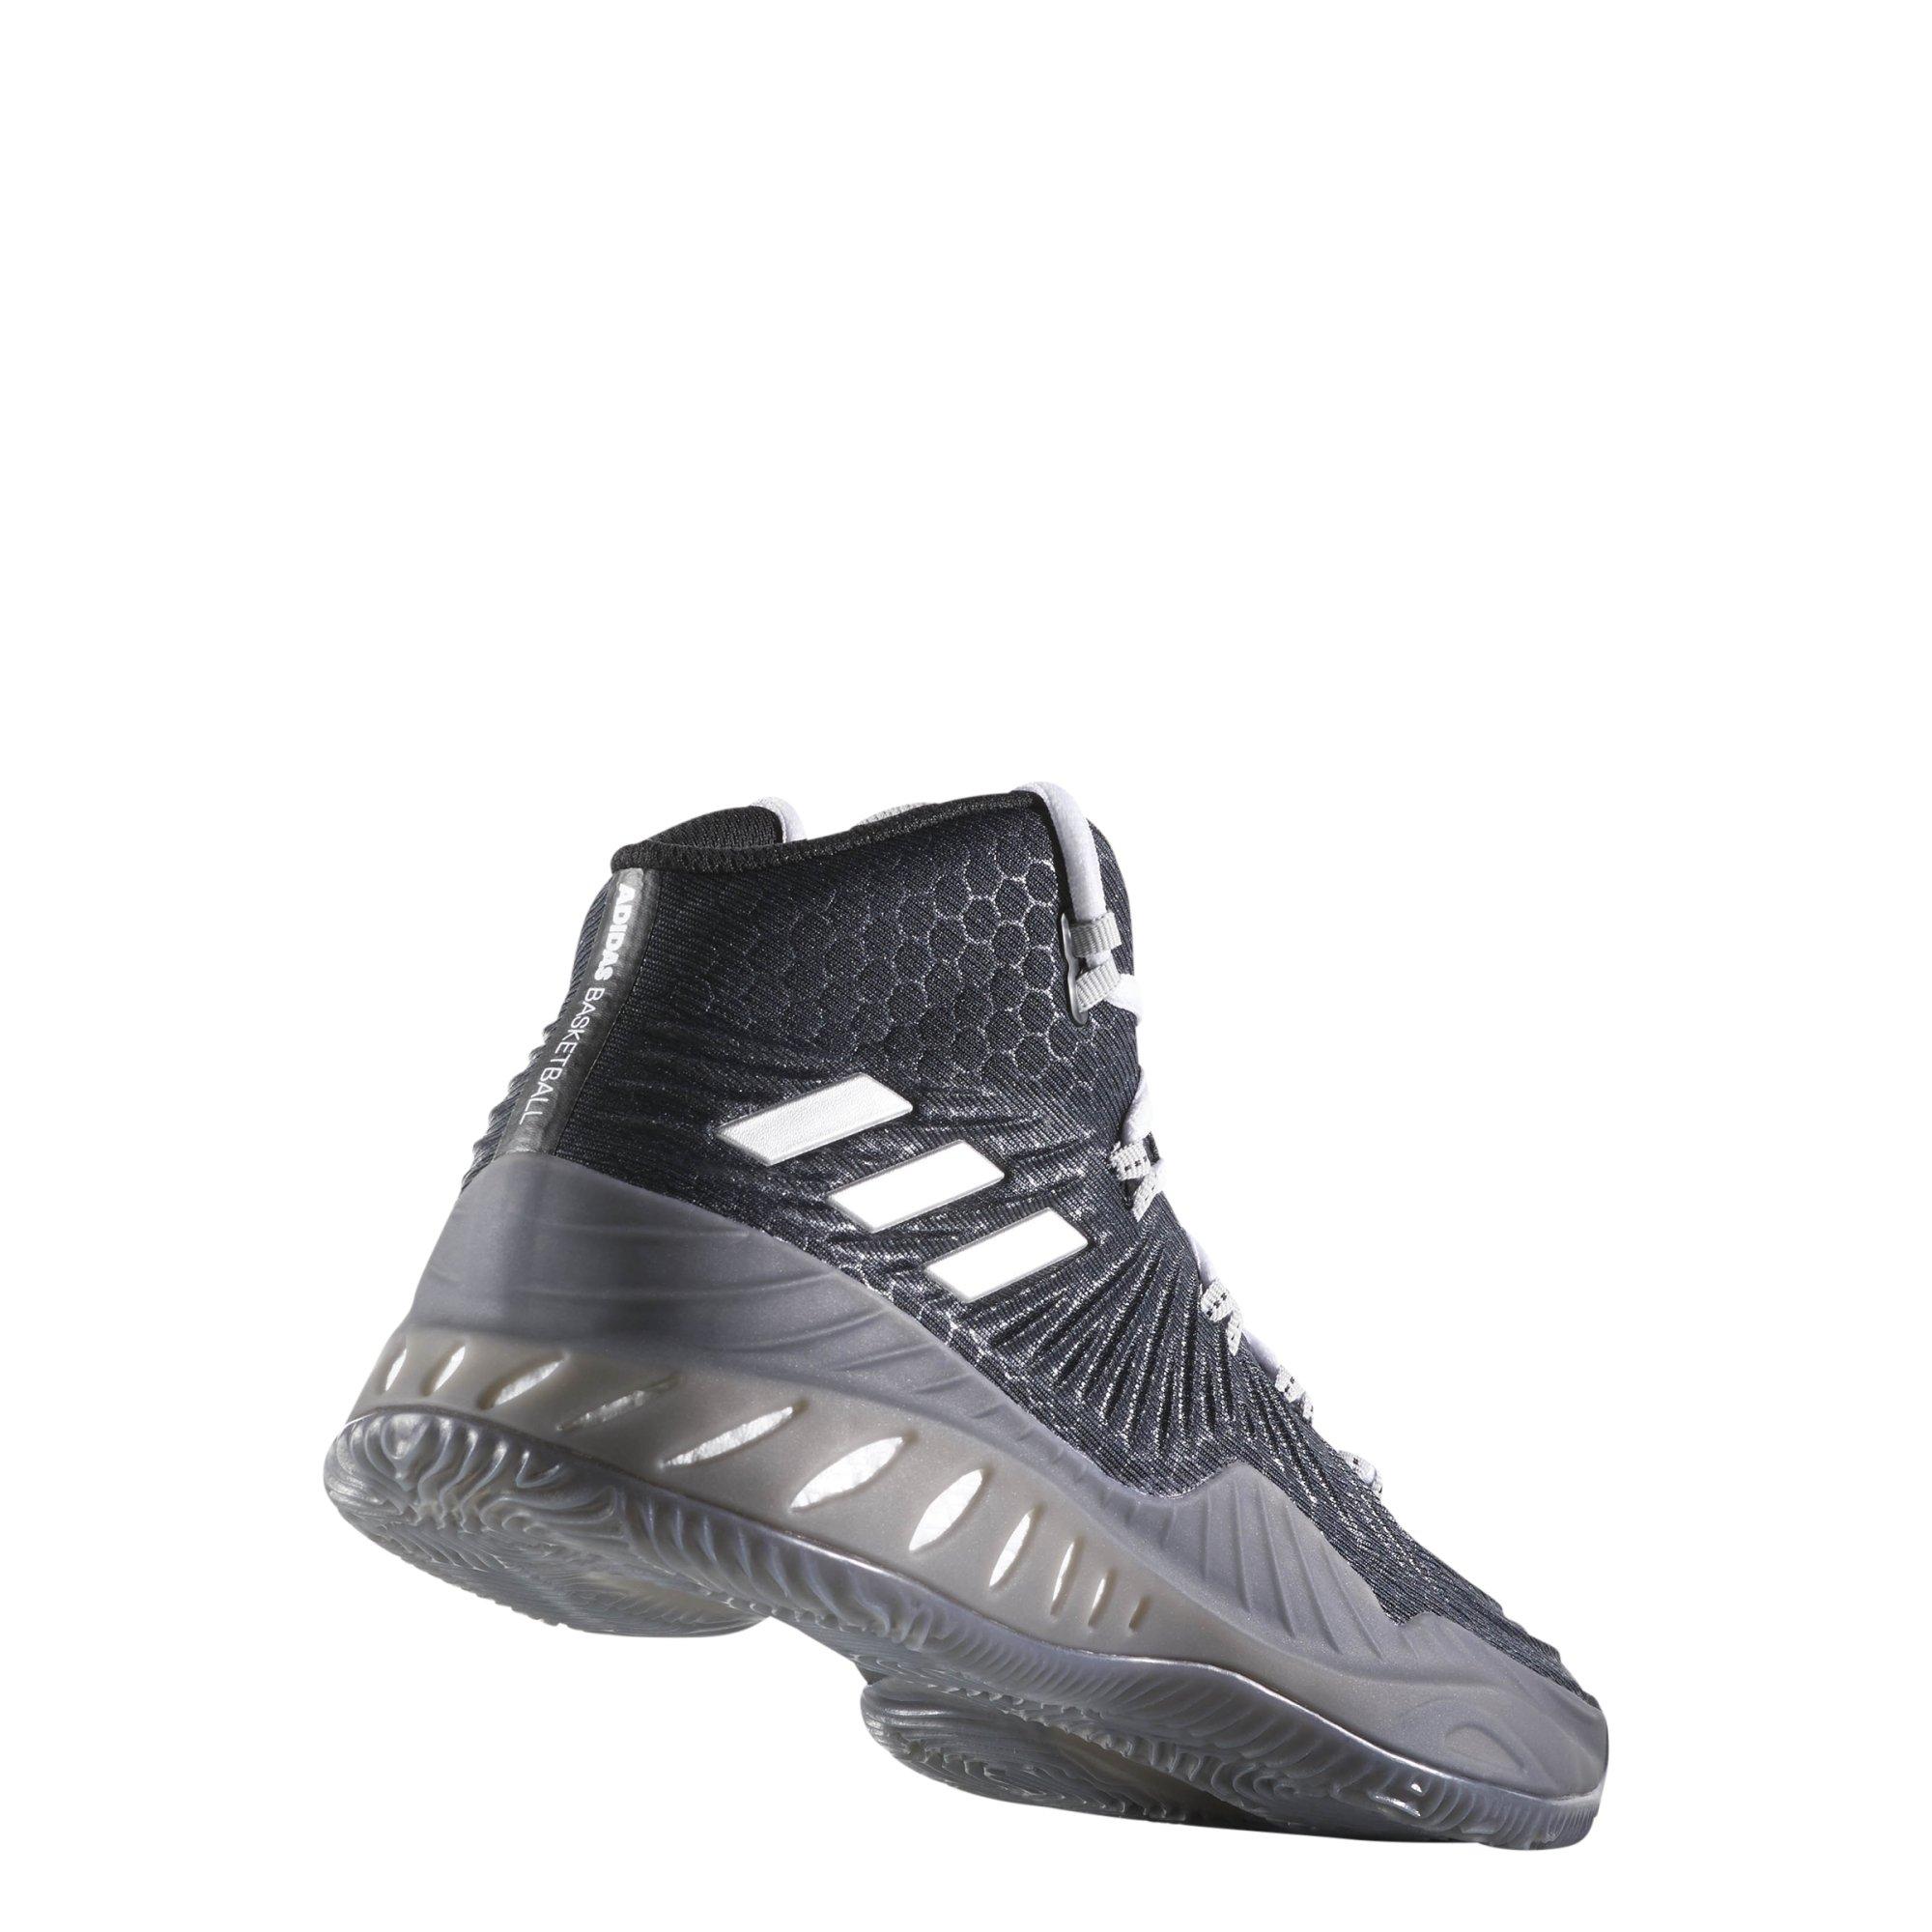 3c89a910310e Galleon - Adidas Men s Crazy Explosive 2017 Core Black Silver 11 D US D (M)